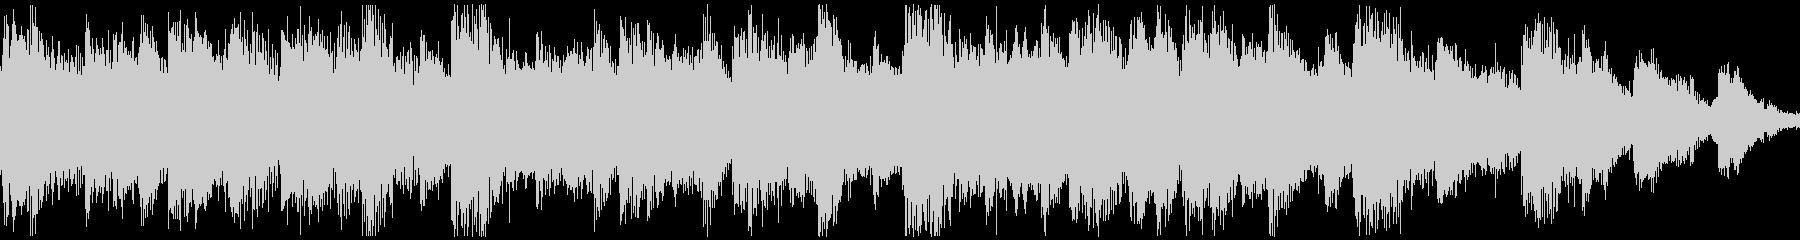 <ショートループ> ピアノ⑥+ビートBの未再生の波形